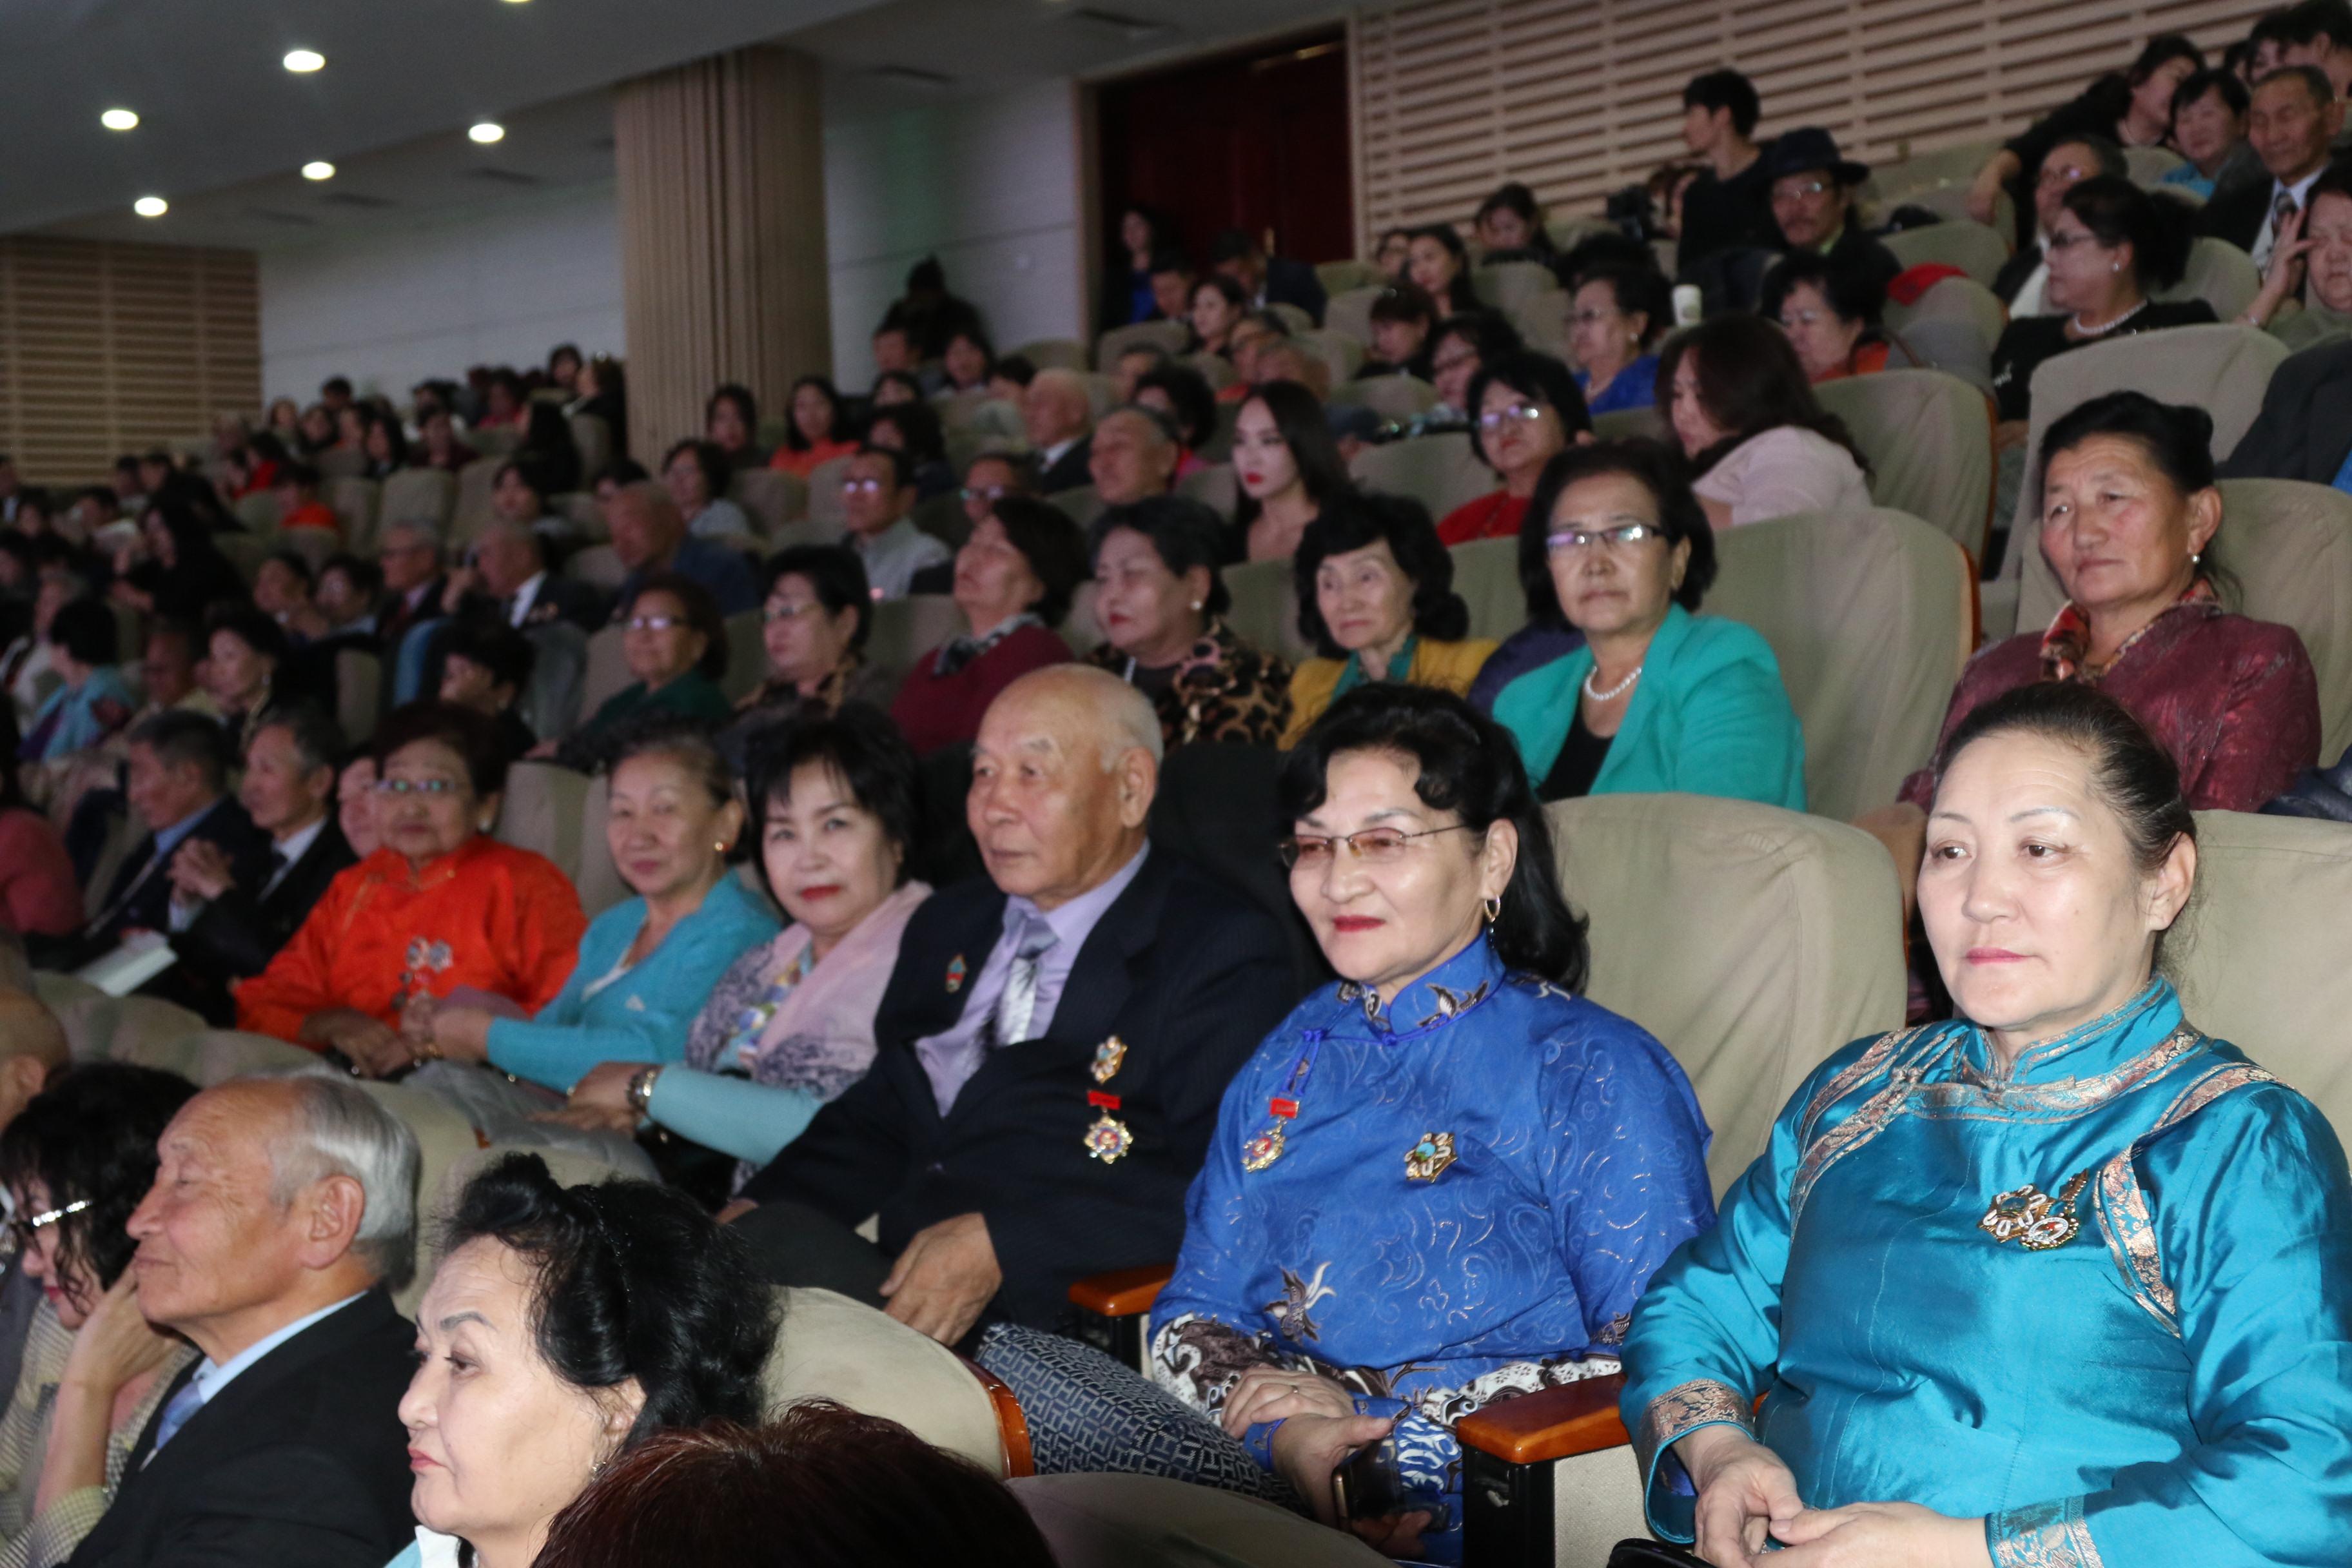 Сонгинохайрхан дүүрэг байгуулагдсаны 25 жилийн баярын хурал боллоо